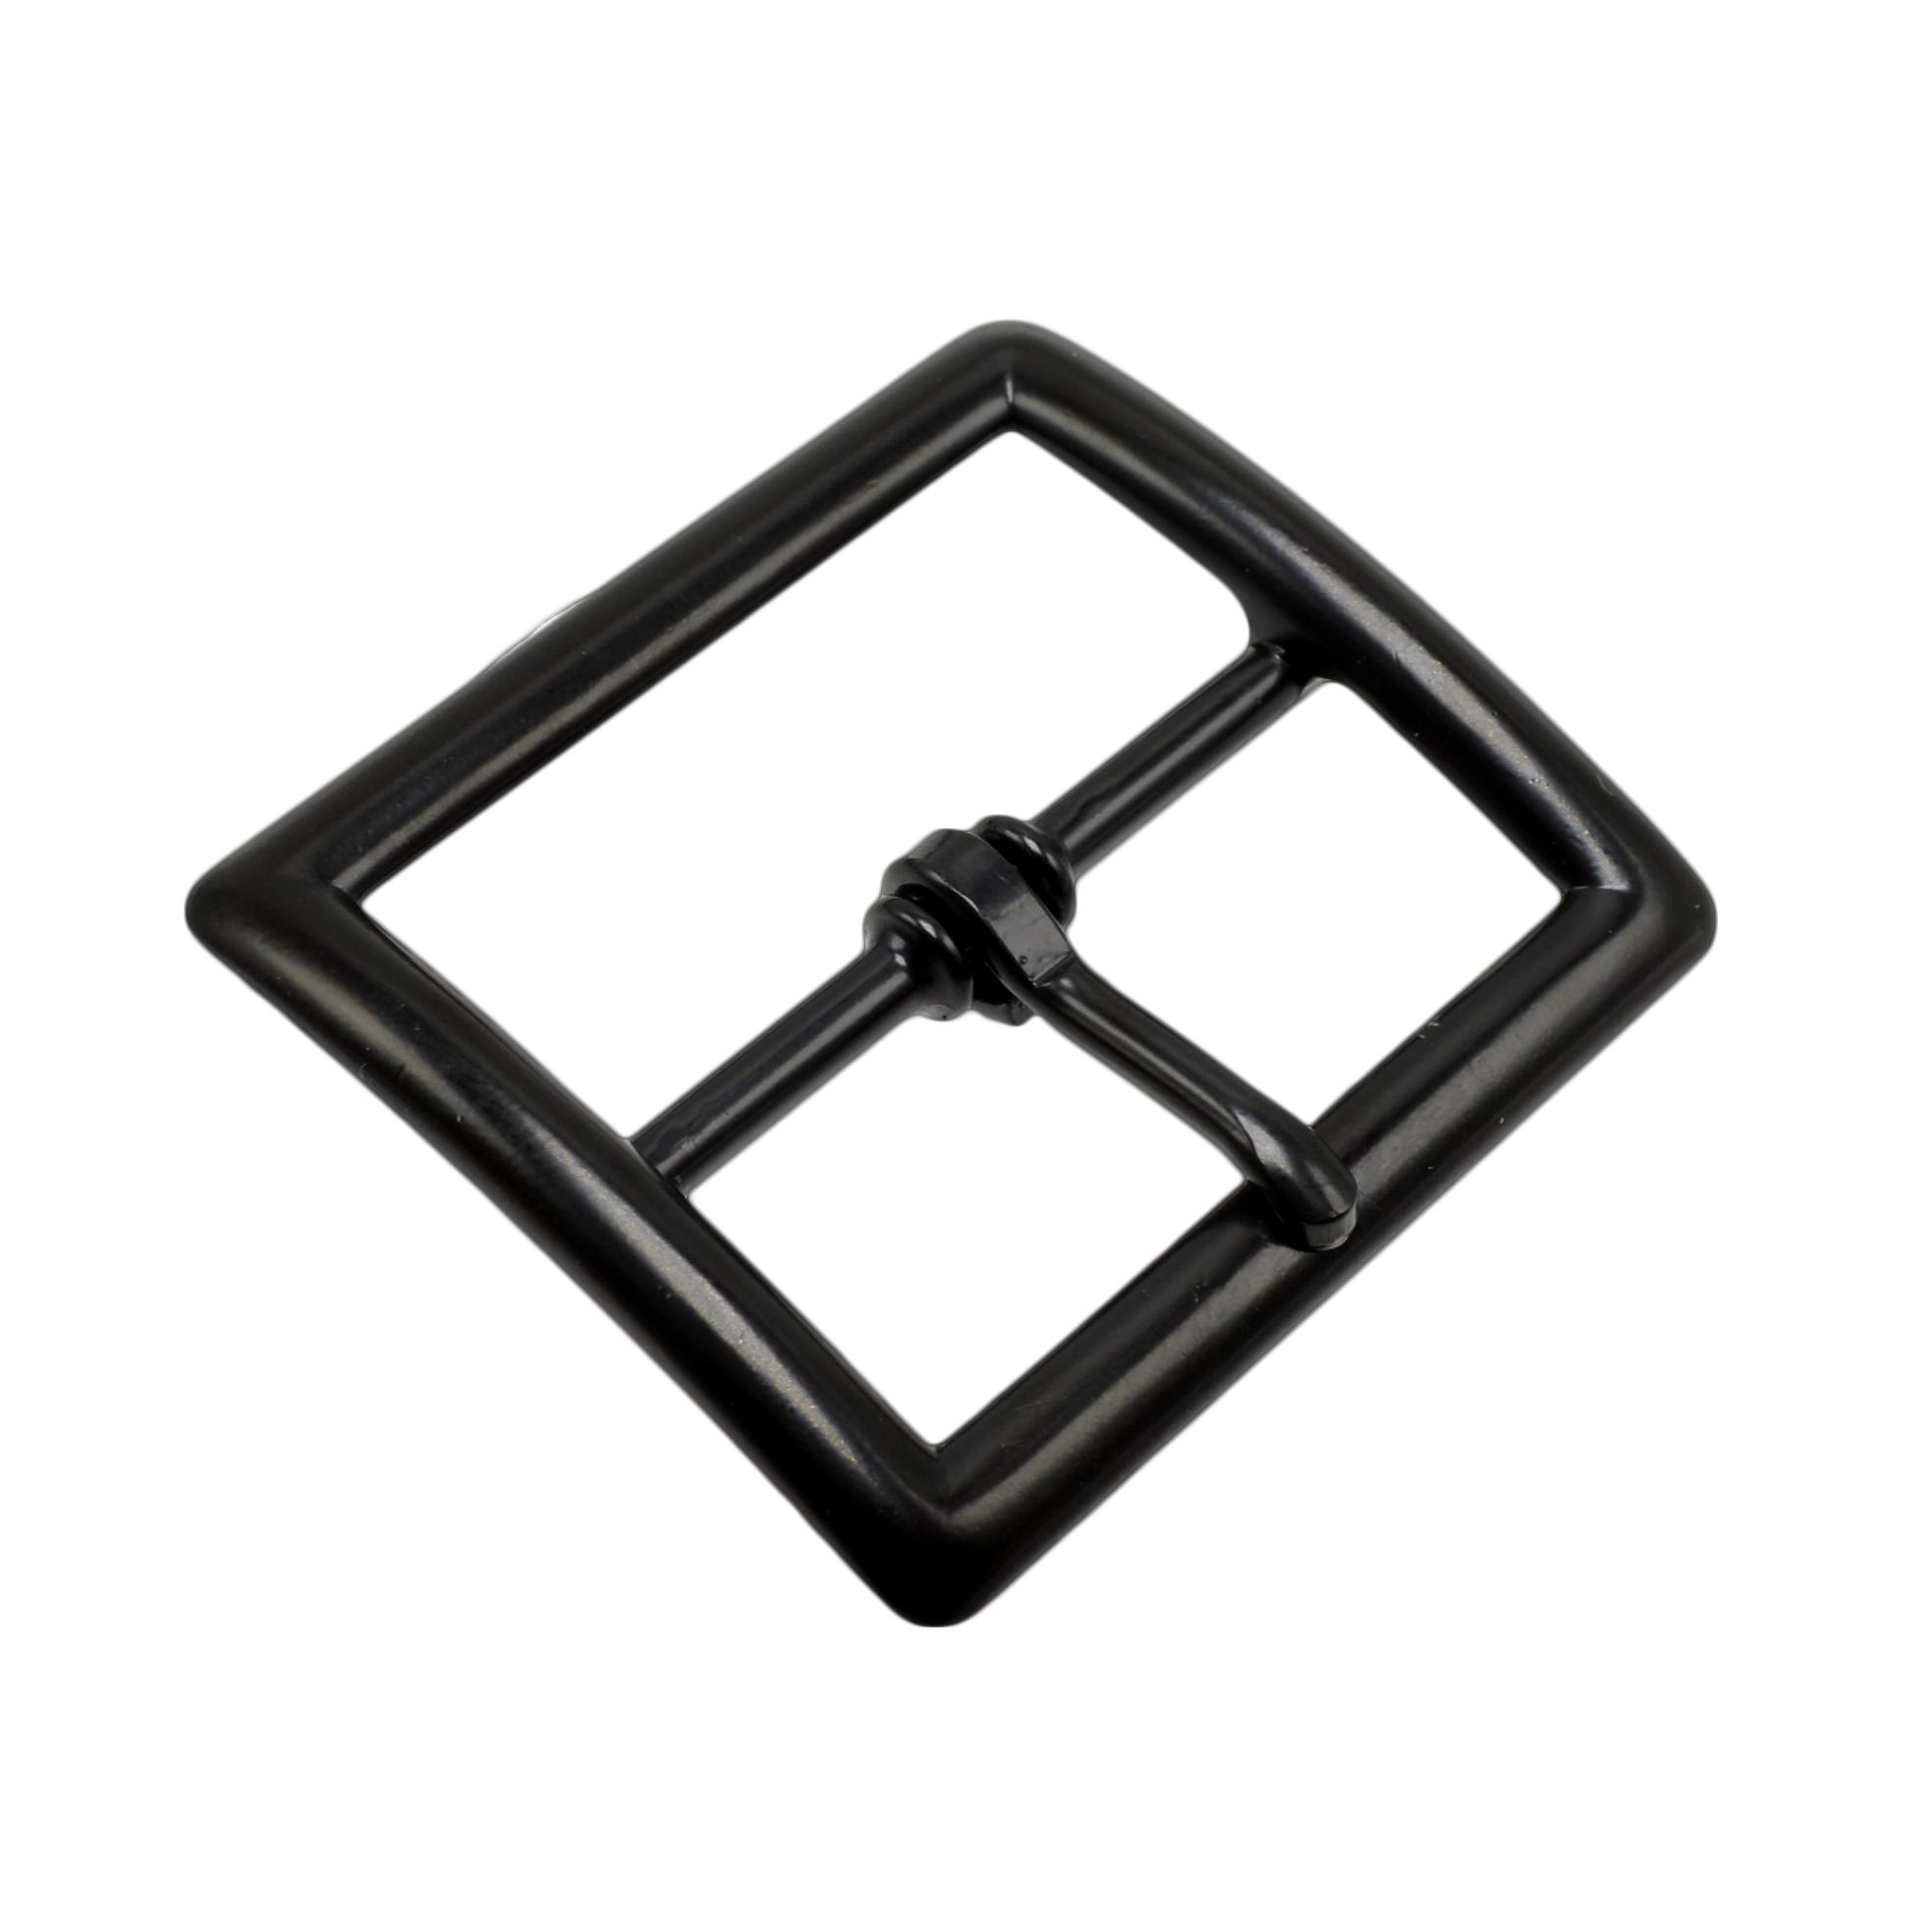 garrison-belt-black-replacement-buckle-175-inch.jpg